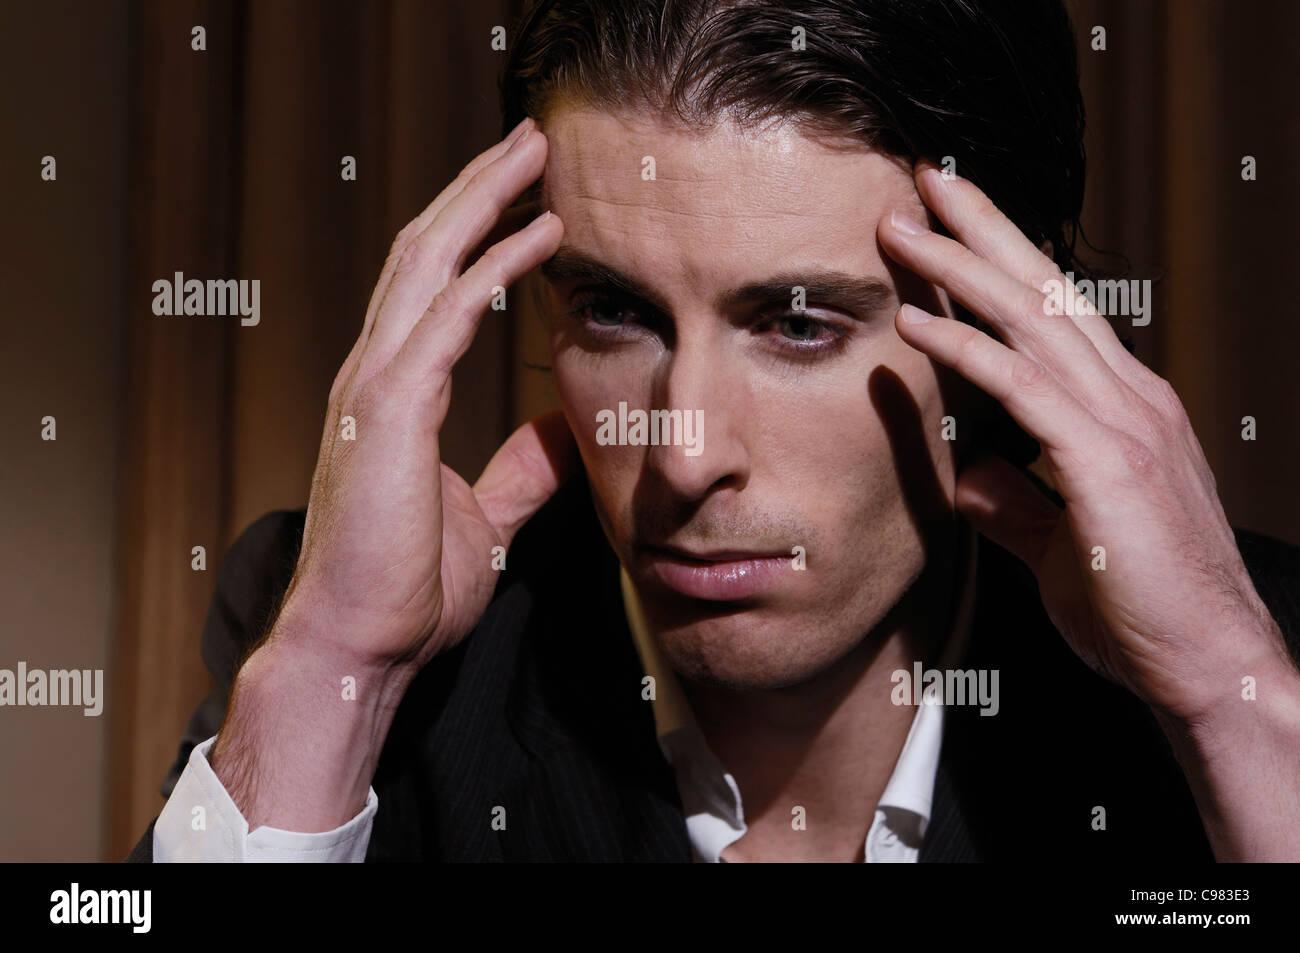 directorio italiano sentado en la cara